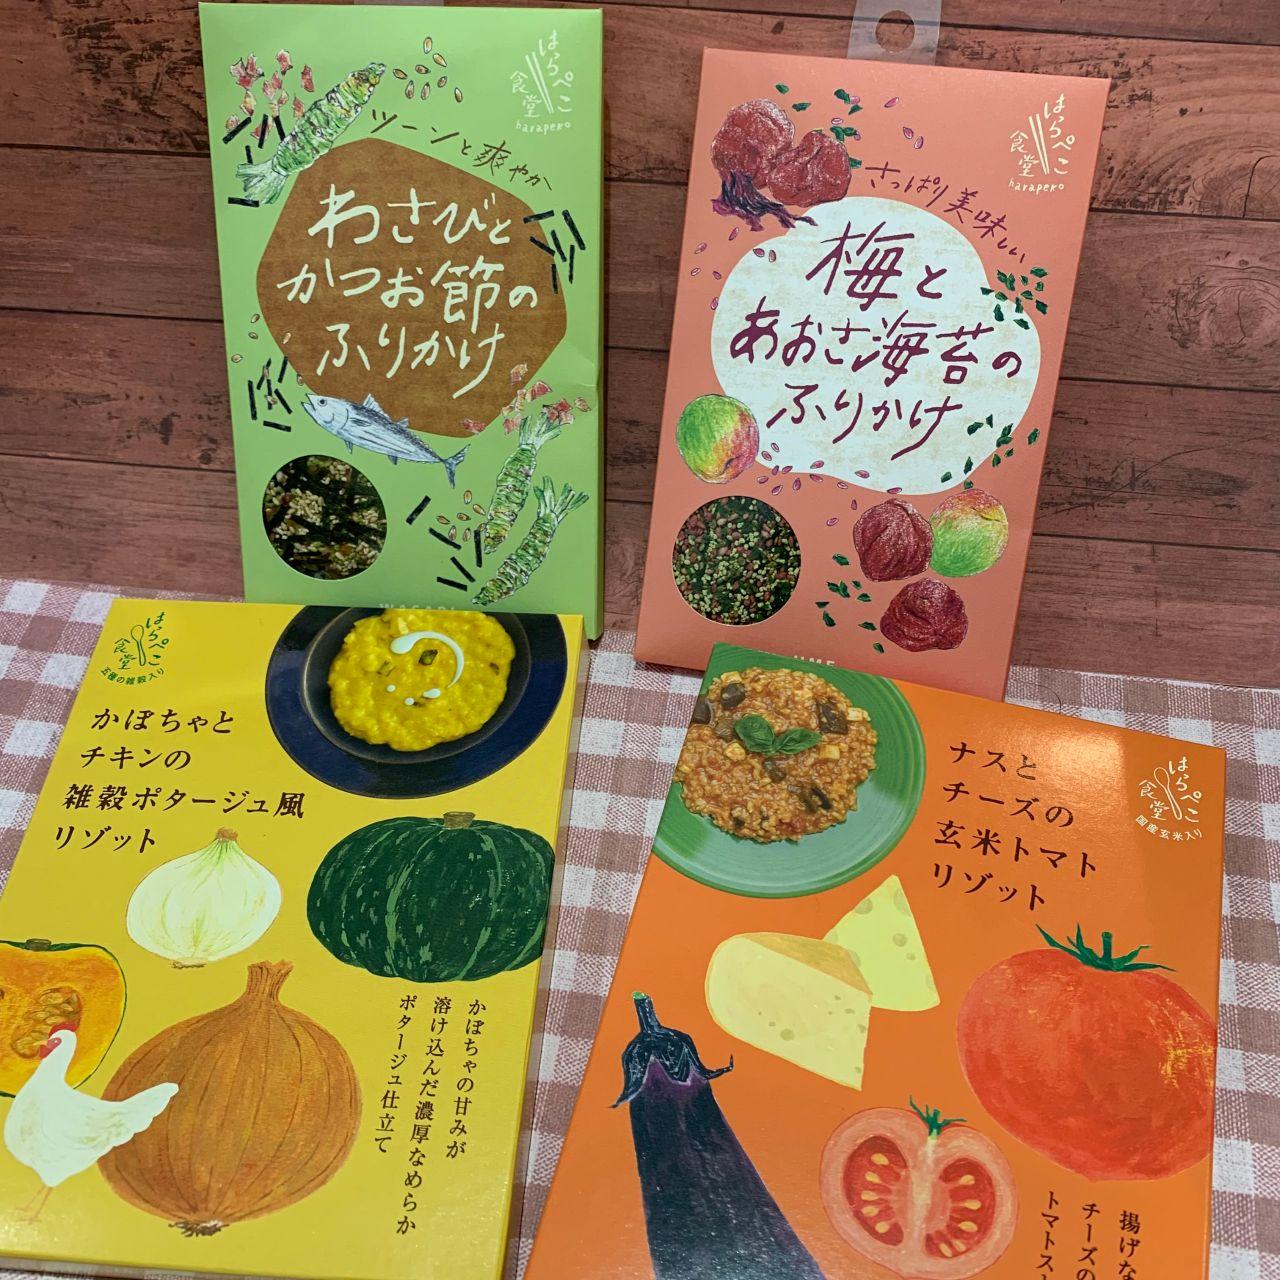 「〇食欲の秋!秋に食べたい食品入荷しました♪〇」の写真